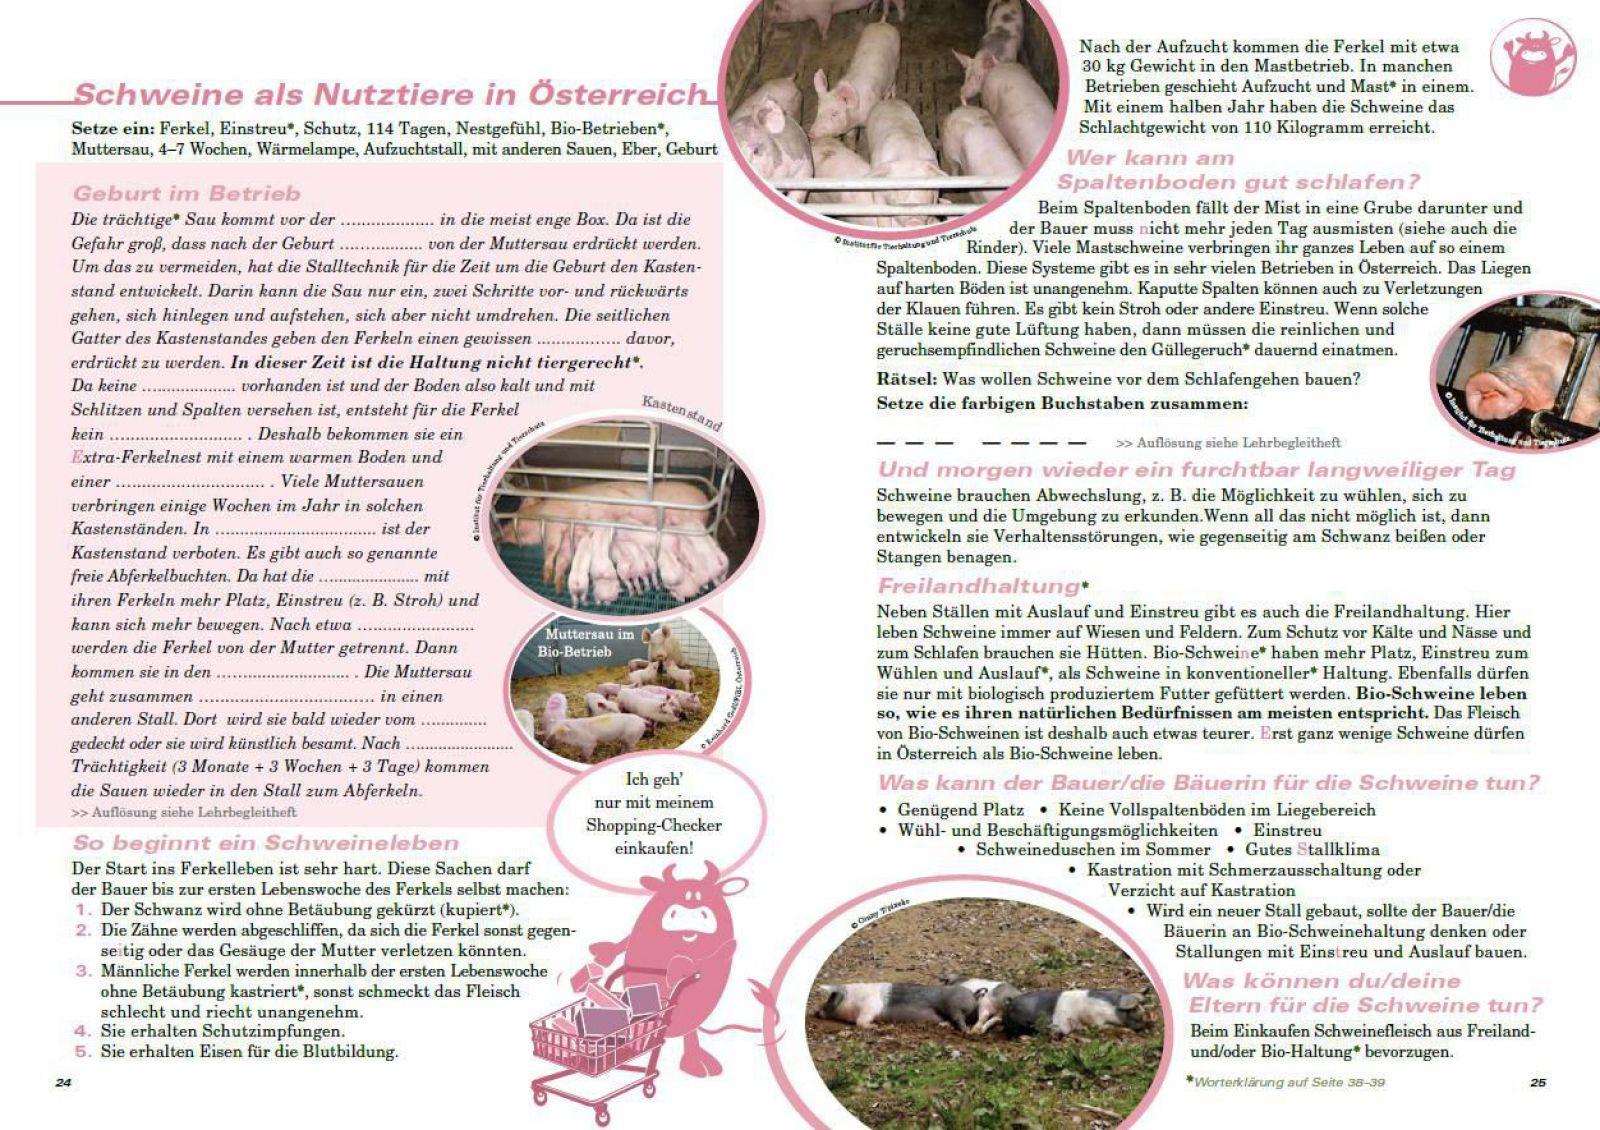 Ungewöhnlich Schweine Farbseite Ideen - Malvorlagen Ideen - blogsbr.info